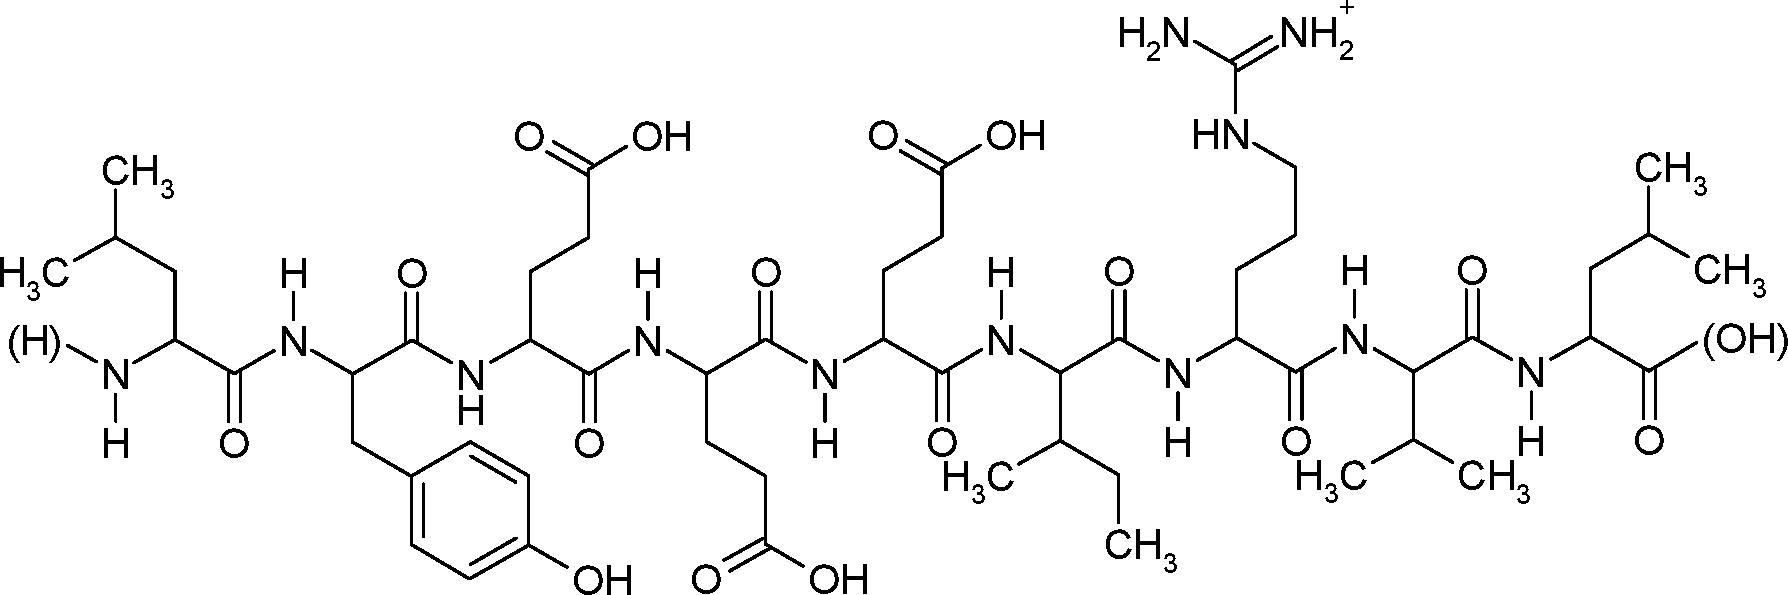 Figure DE102015223847A1_0017